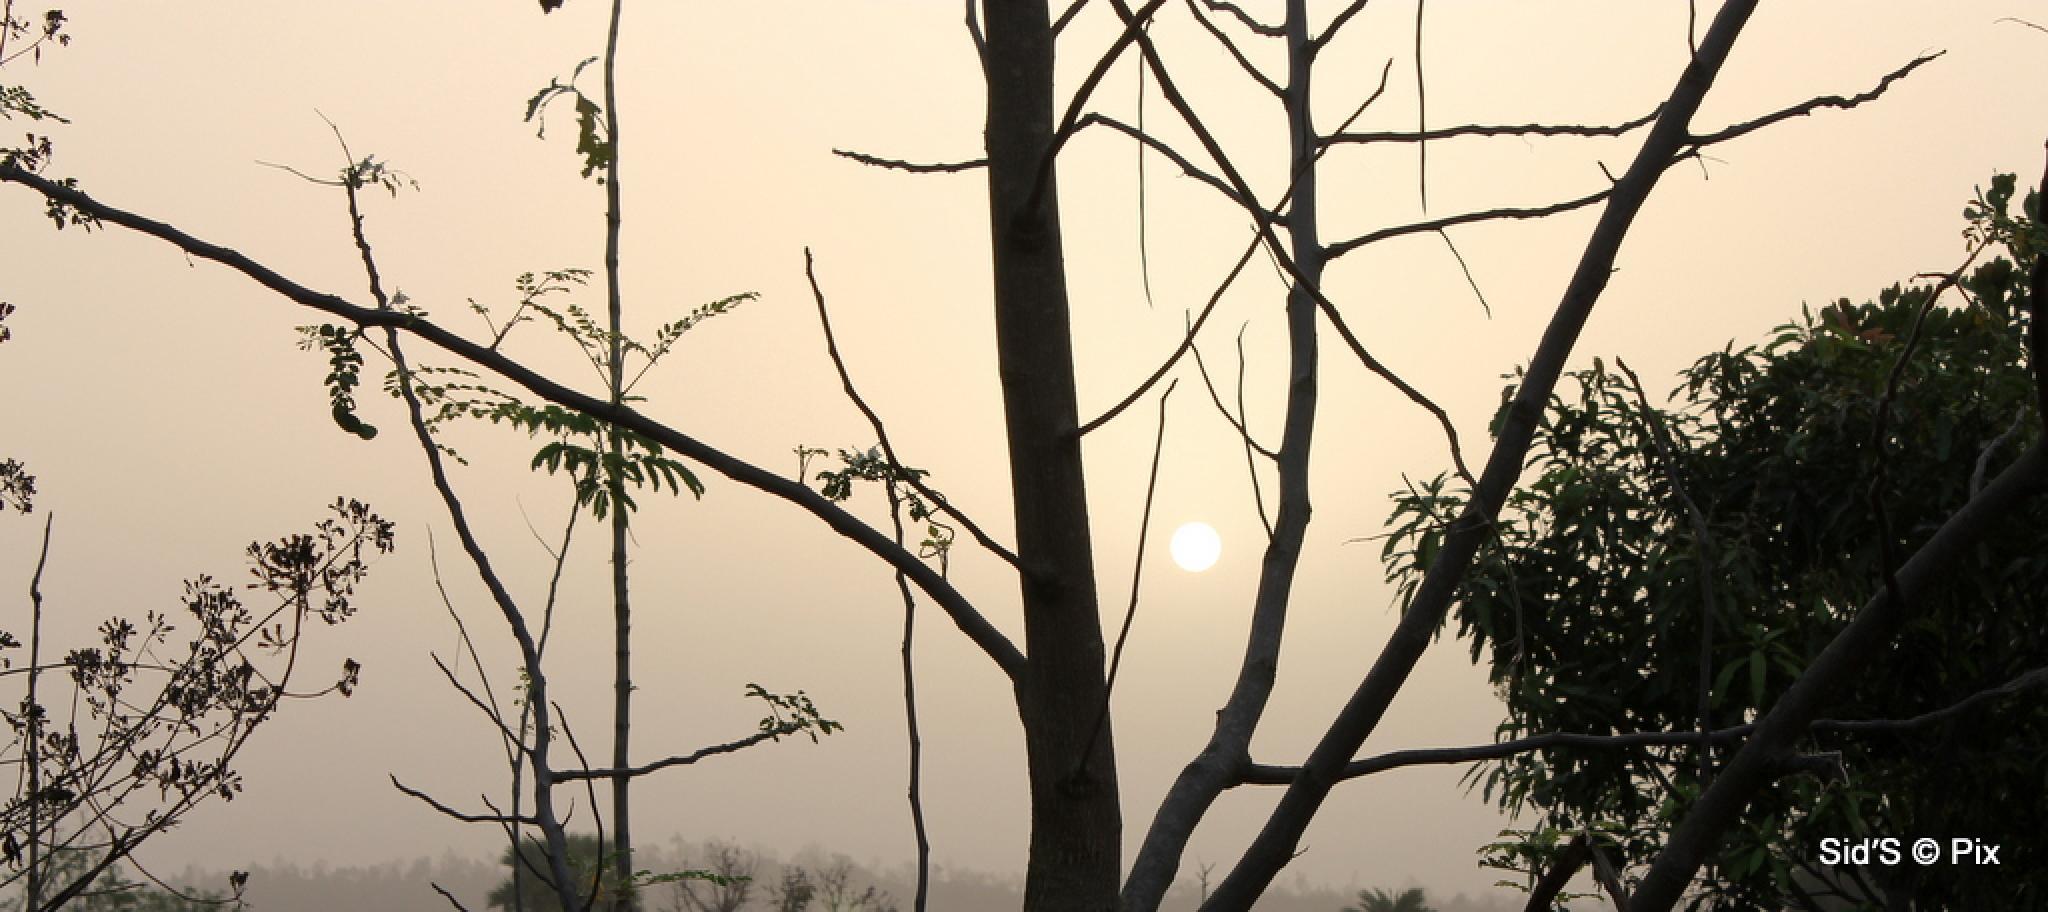 Hazy Sunrise by Siddharth Sanyal